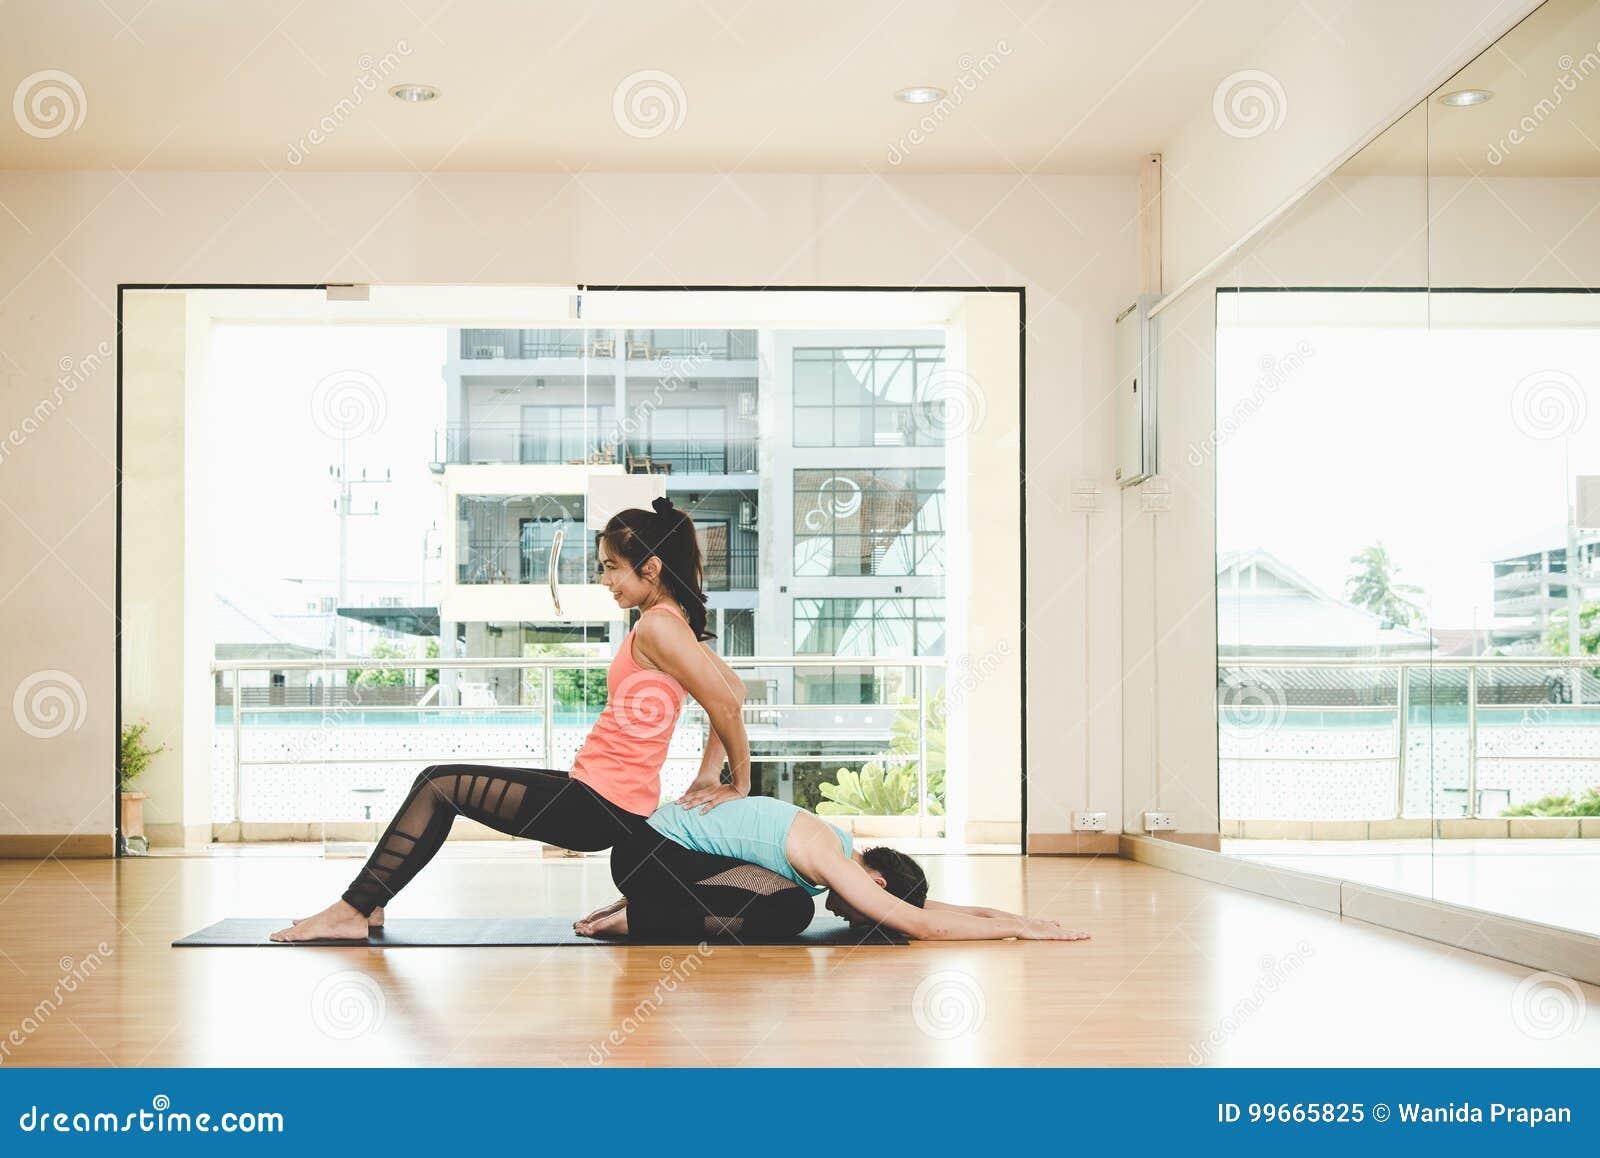 La forma de vida de las mujeres de la gente de Asia que practica y que ejercita vital medita yoga en sitio de clase